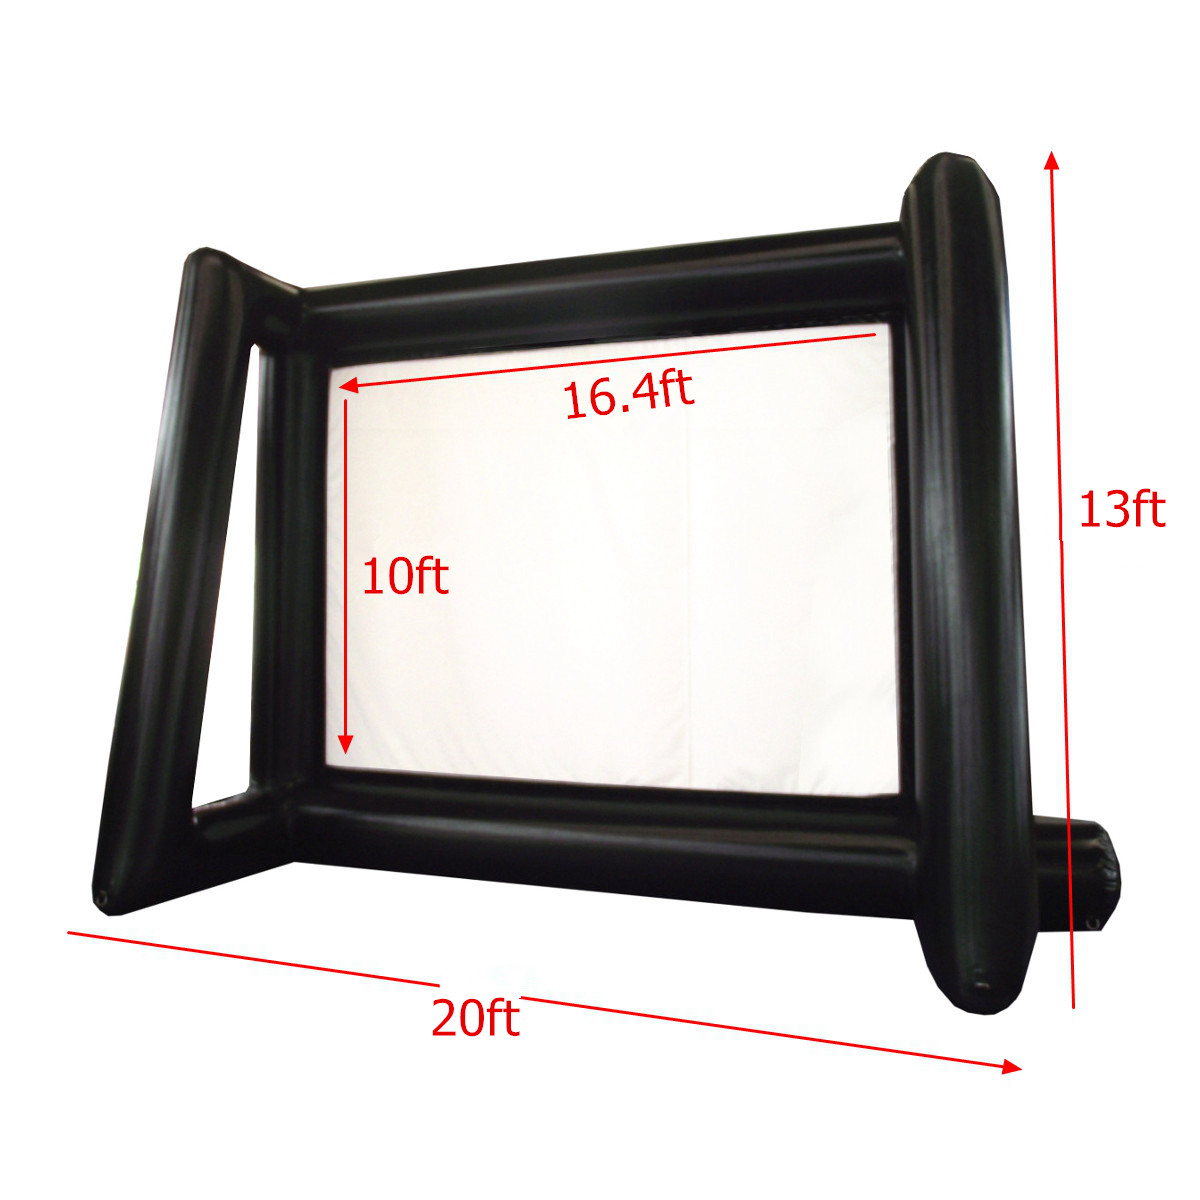 6x4 M gonflable extérieur projecteur film Projection écran maison partie arrière cinéma ventilateur ventilateur - 3